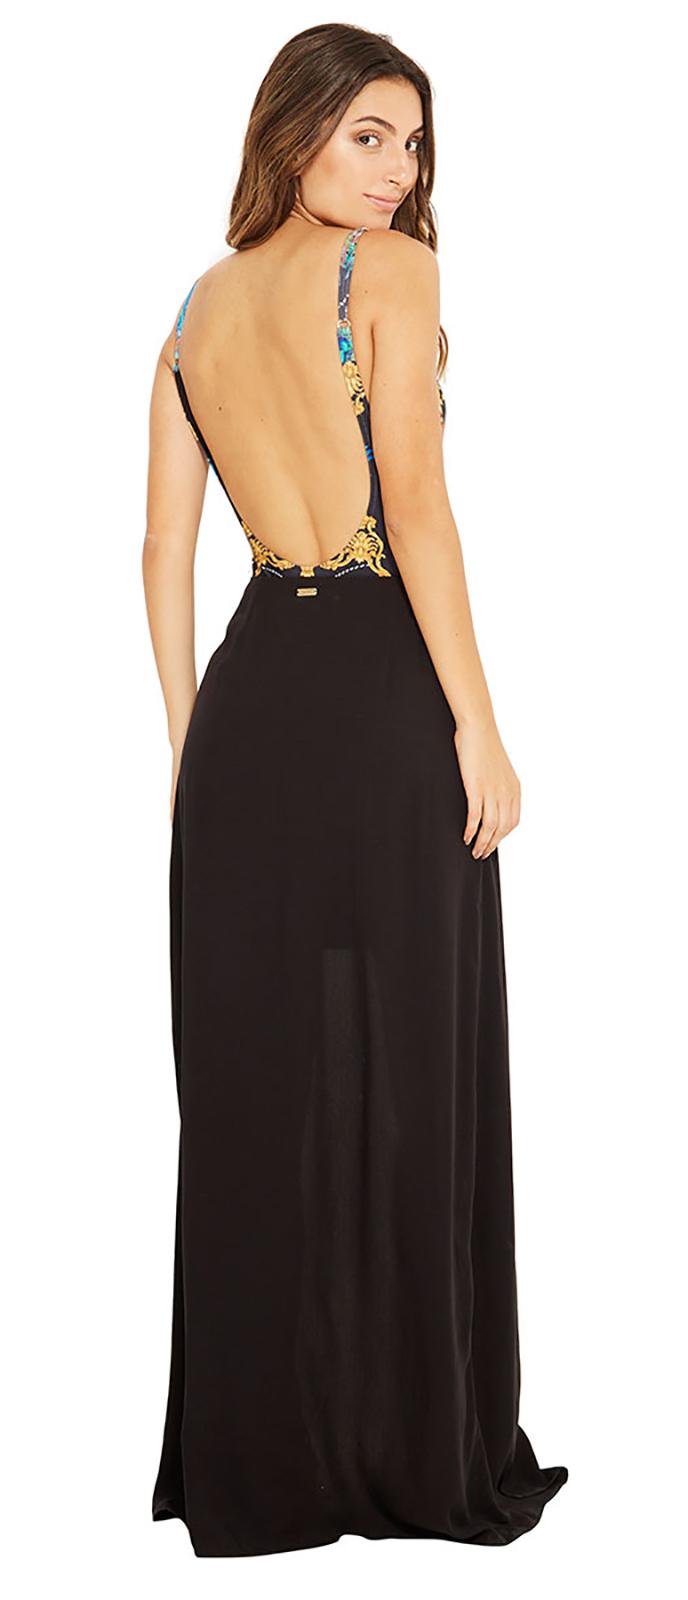 31d2a21f680 スカート サイドに切り抜きが施された黒いロングビーチスカート - Clea ...